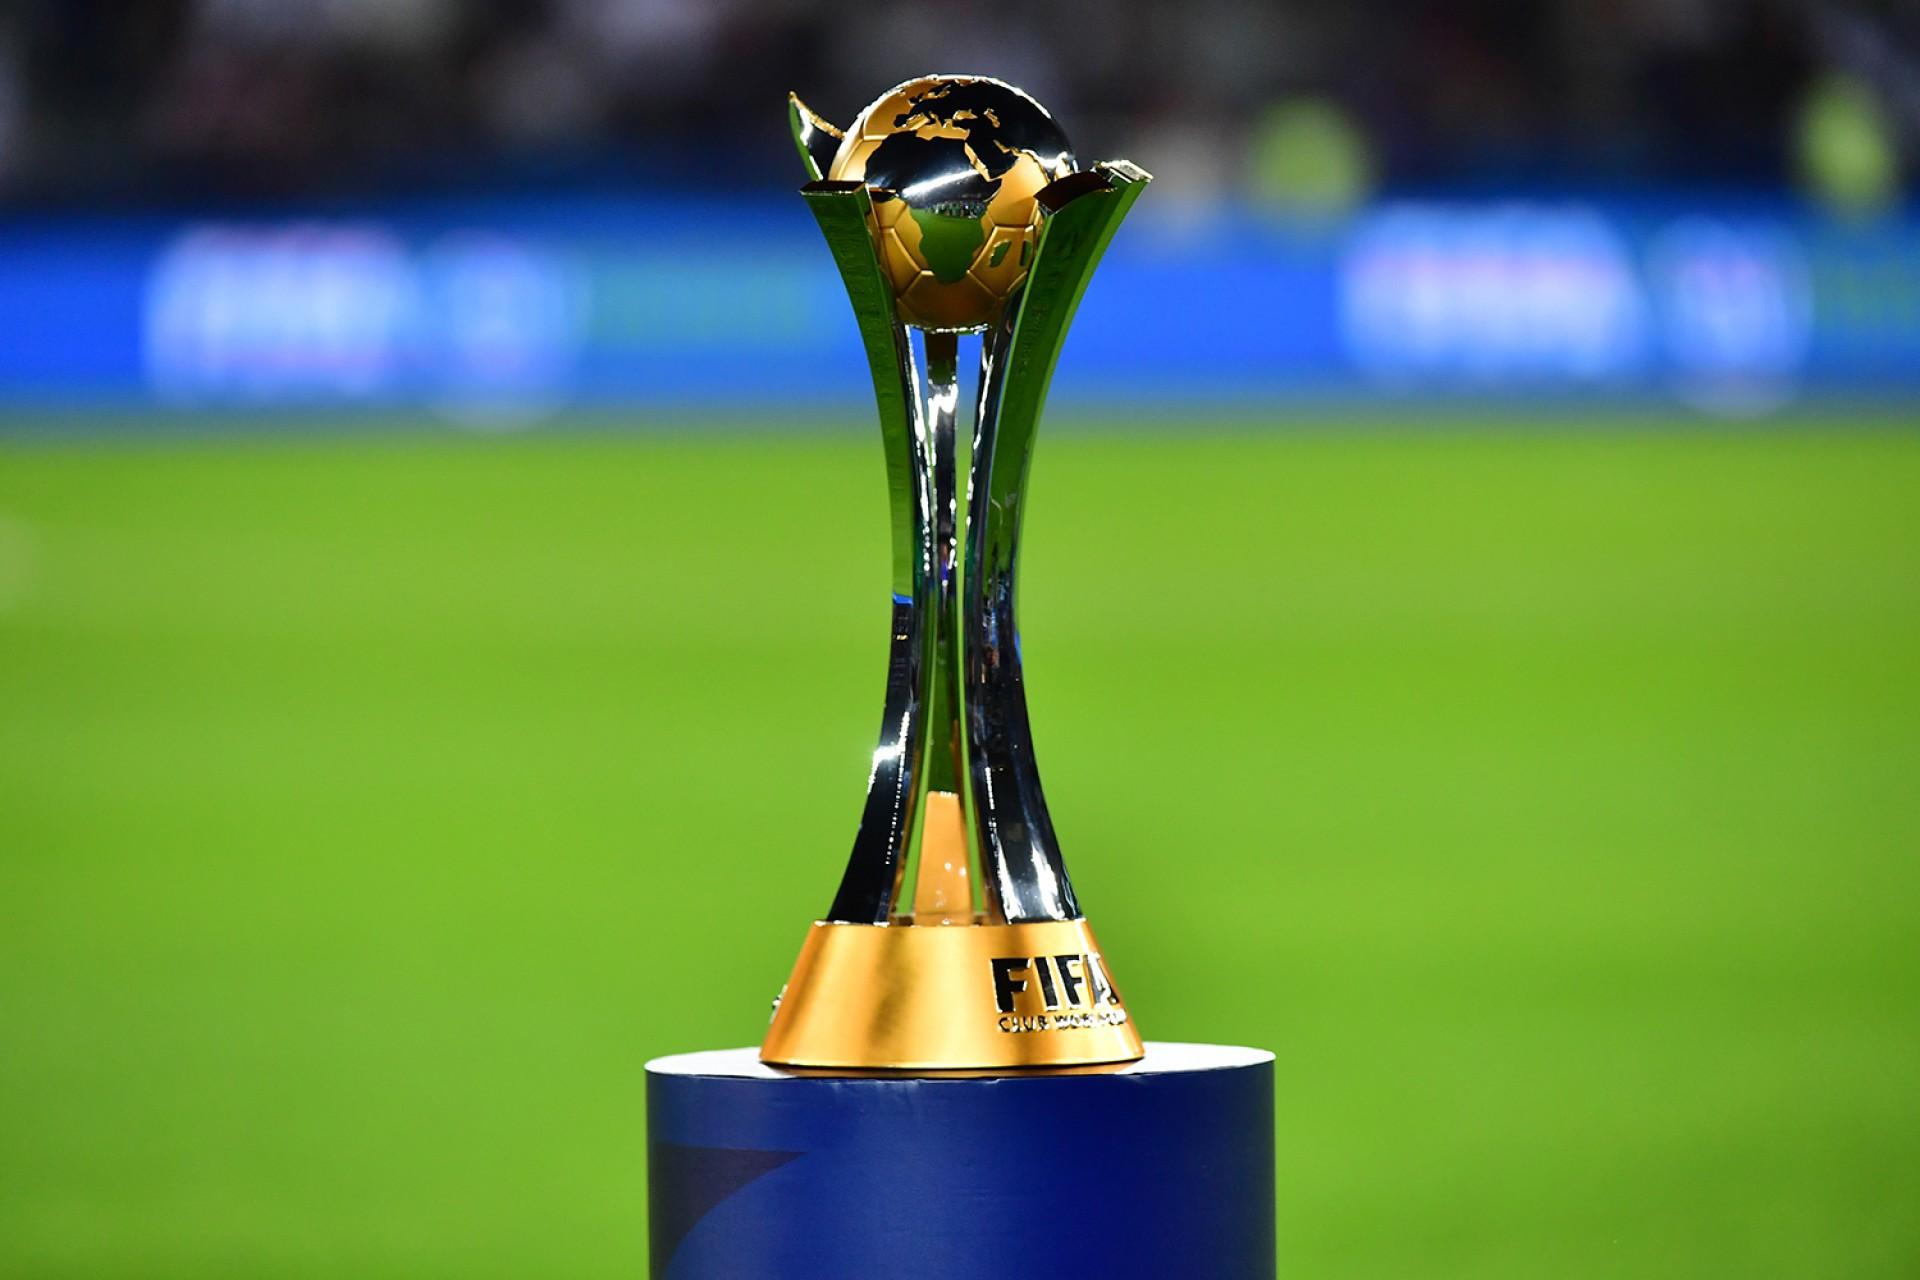 Apesar de campeões da Libertadores, os times não foram páreos para rivais de outros países, sobretudo, europeus.